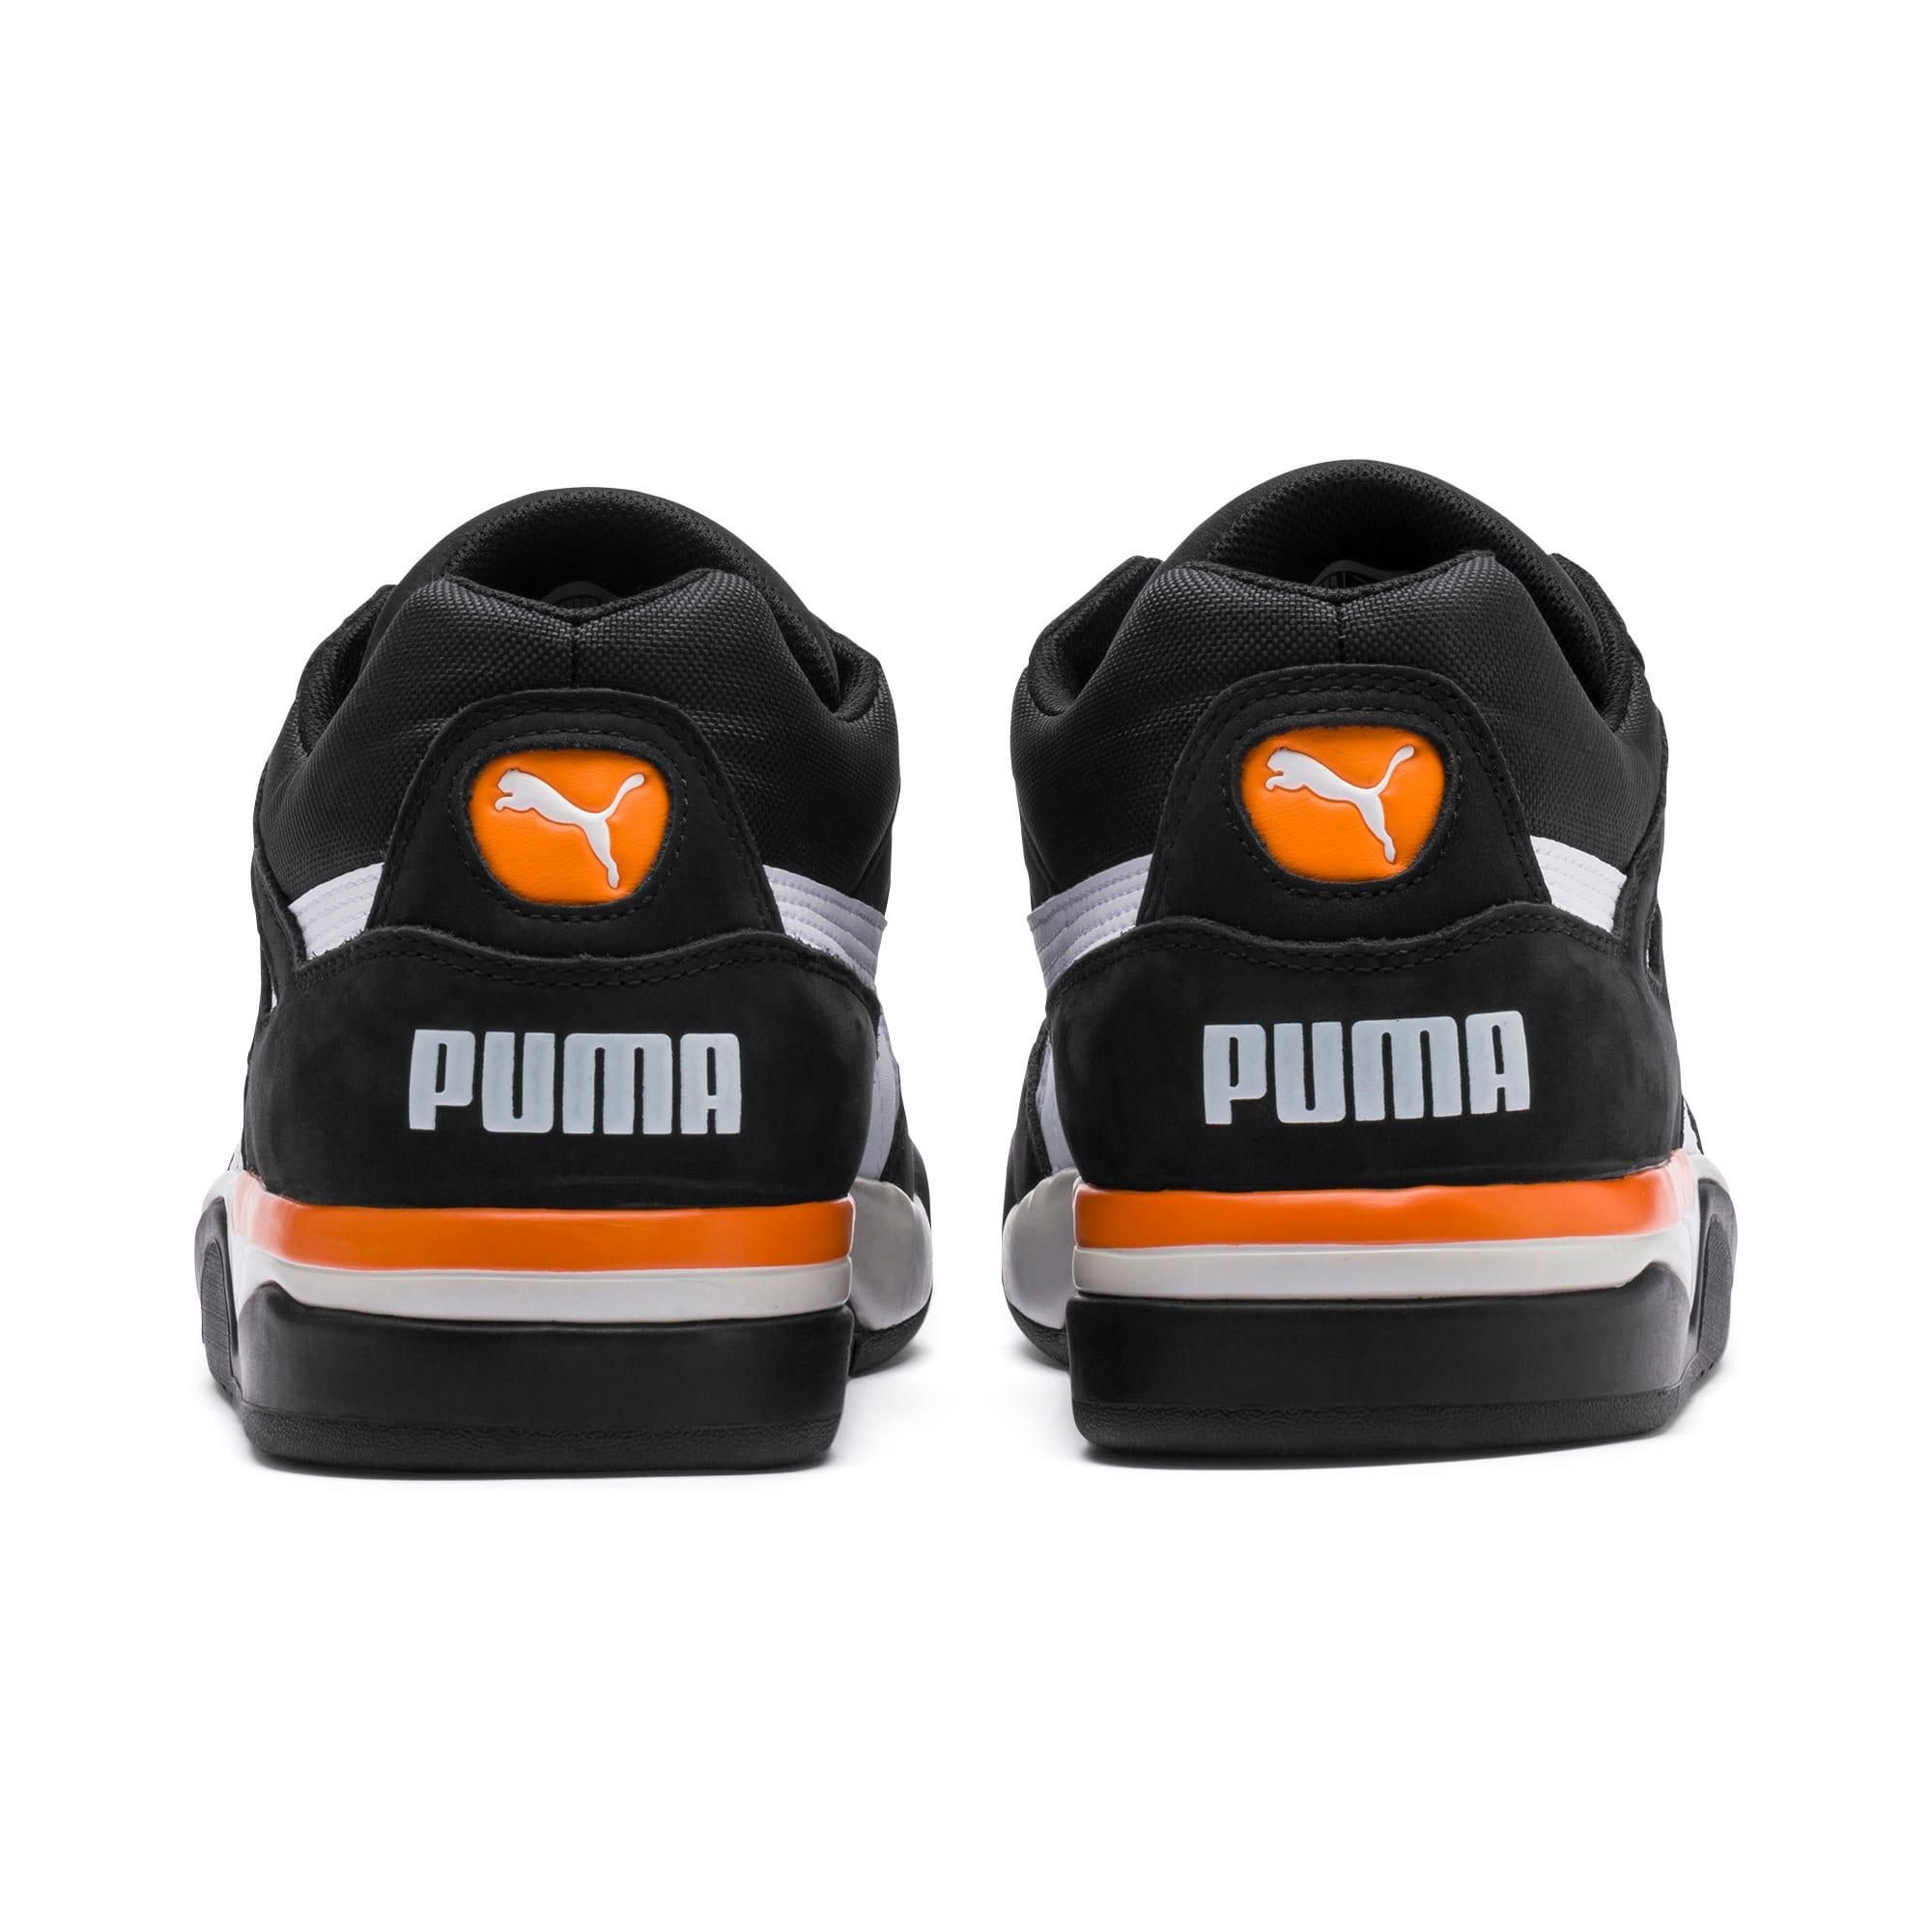 Anteprima 3 di Palace Guard Bad Boys Trainers, Puma Black-Puma White-, medio